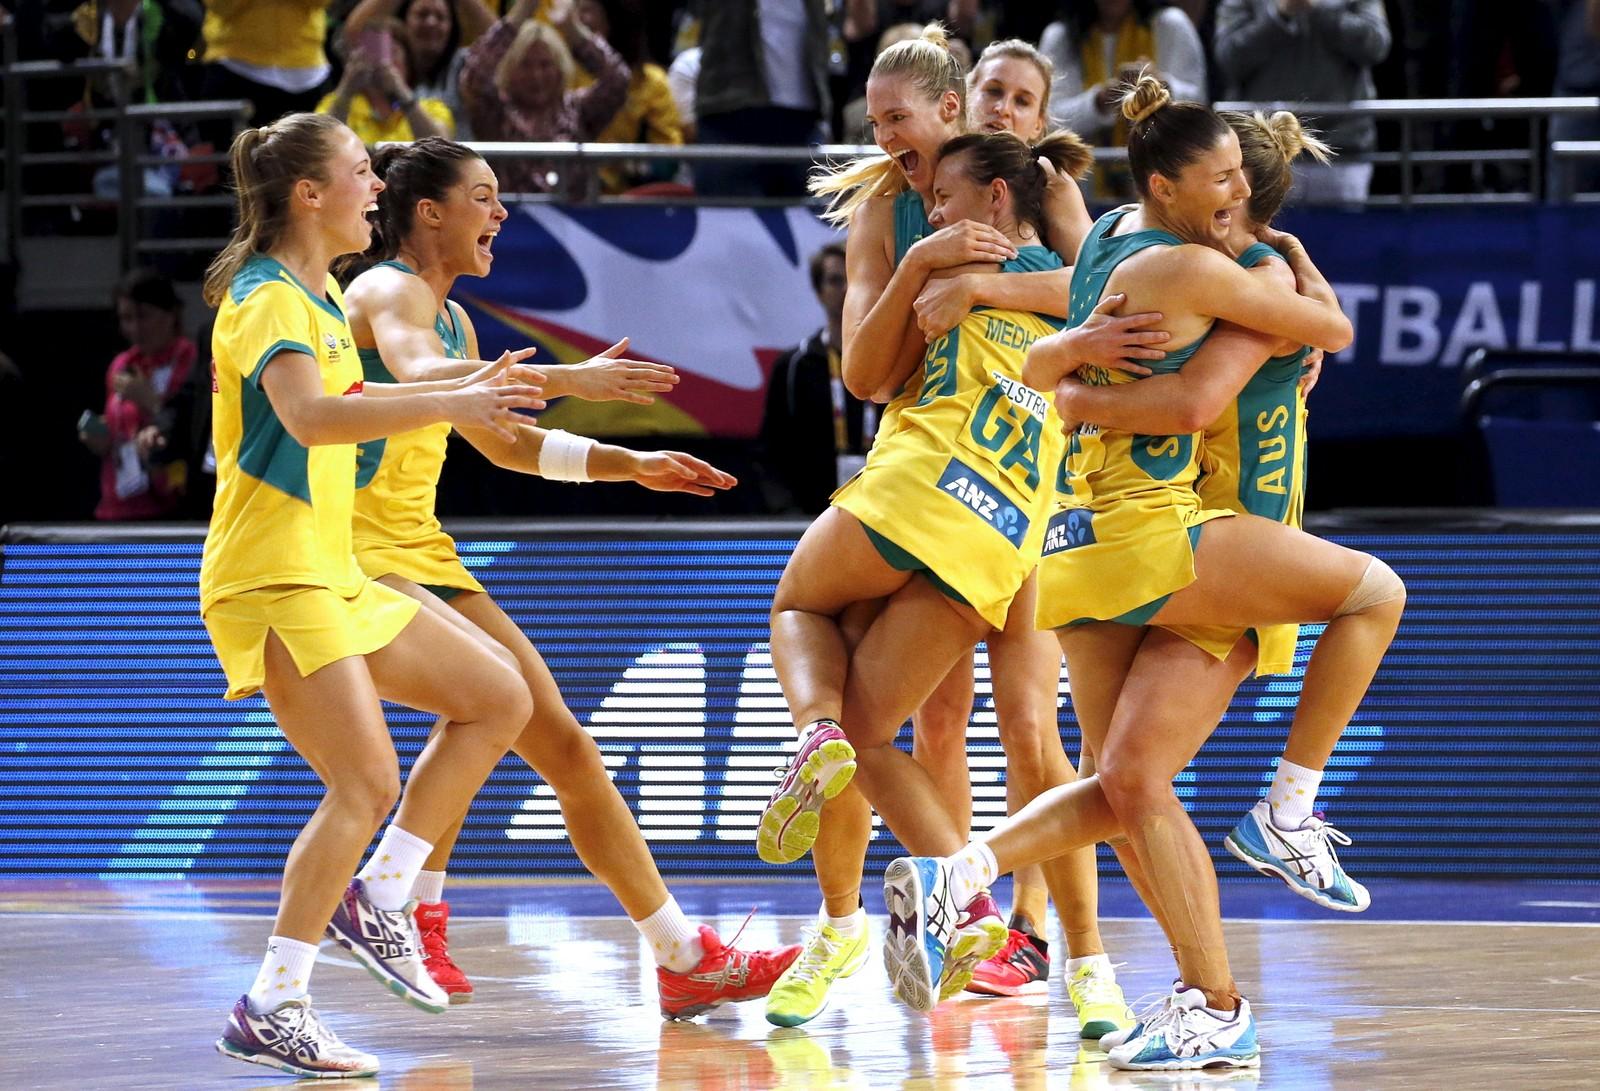 """Så glade blir det australske laget etter å ha vunnet VM i """"Netball"""", en slags variant av basketball. Kampen gikk på hjemmebane, og jentene slo New Zealand i finalen."""